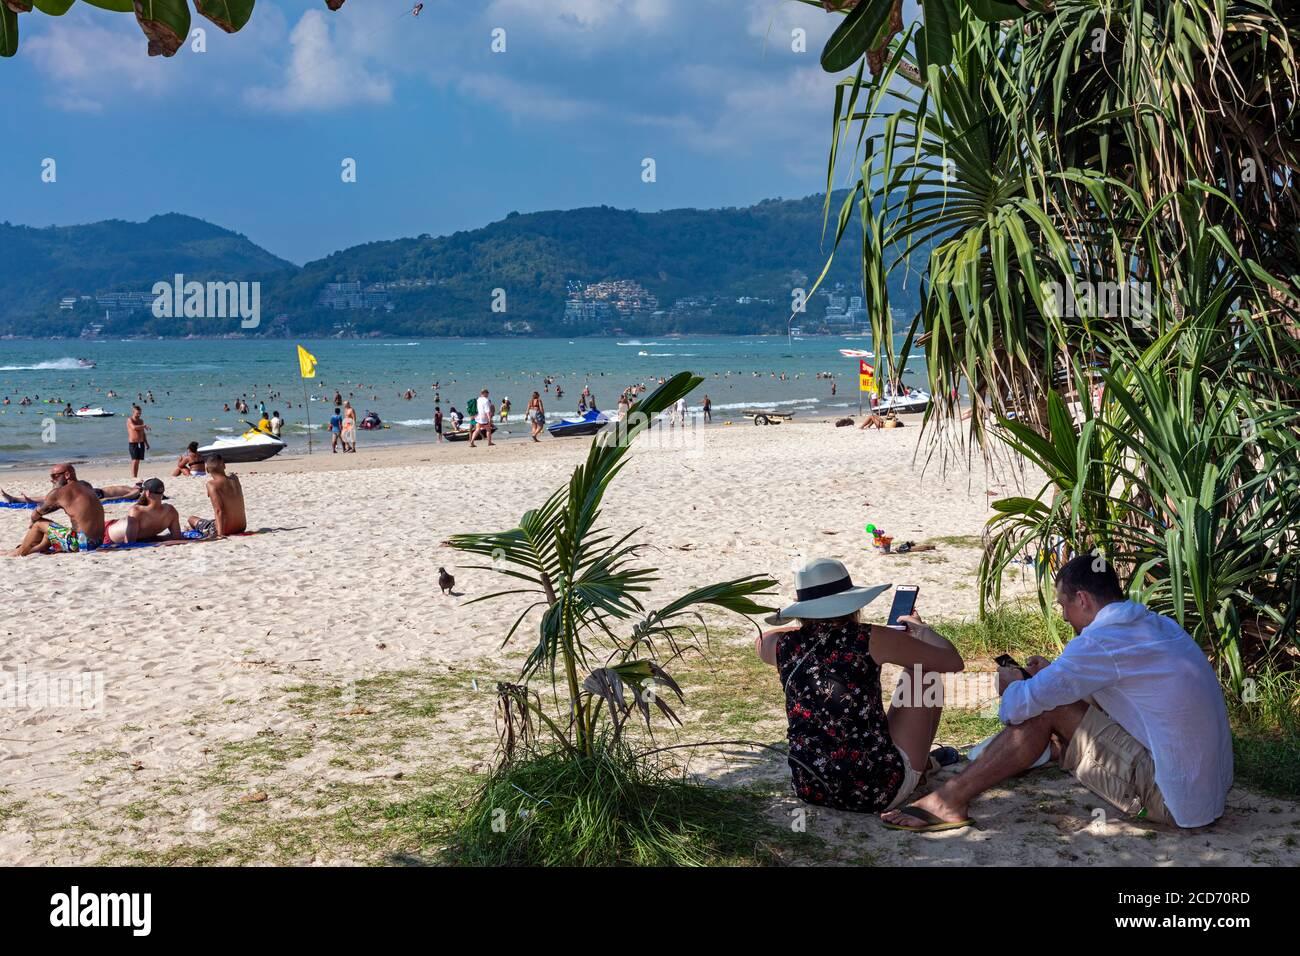 Couple touristique sur les téléphones portables à l'ombre à Patong Beach, Phuket, Thaïlande Banque D'Images